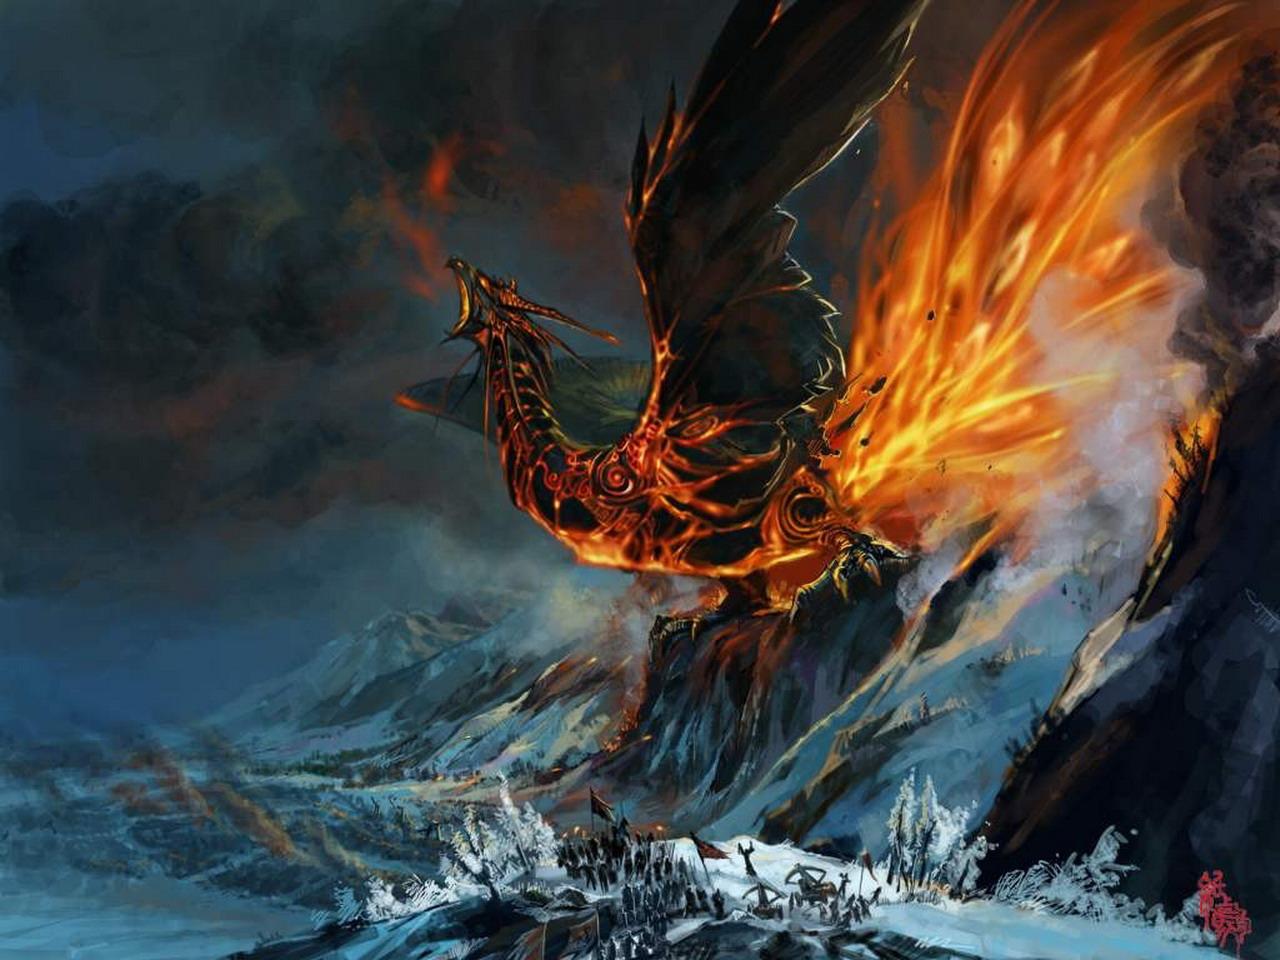 все драконы в огне картинки менее